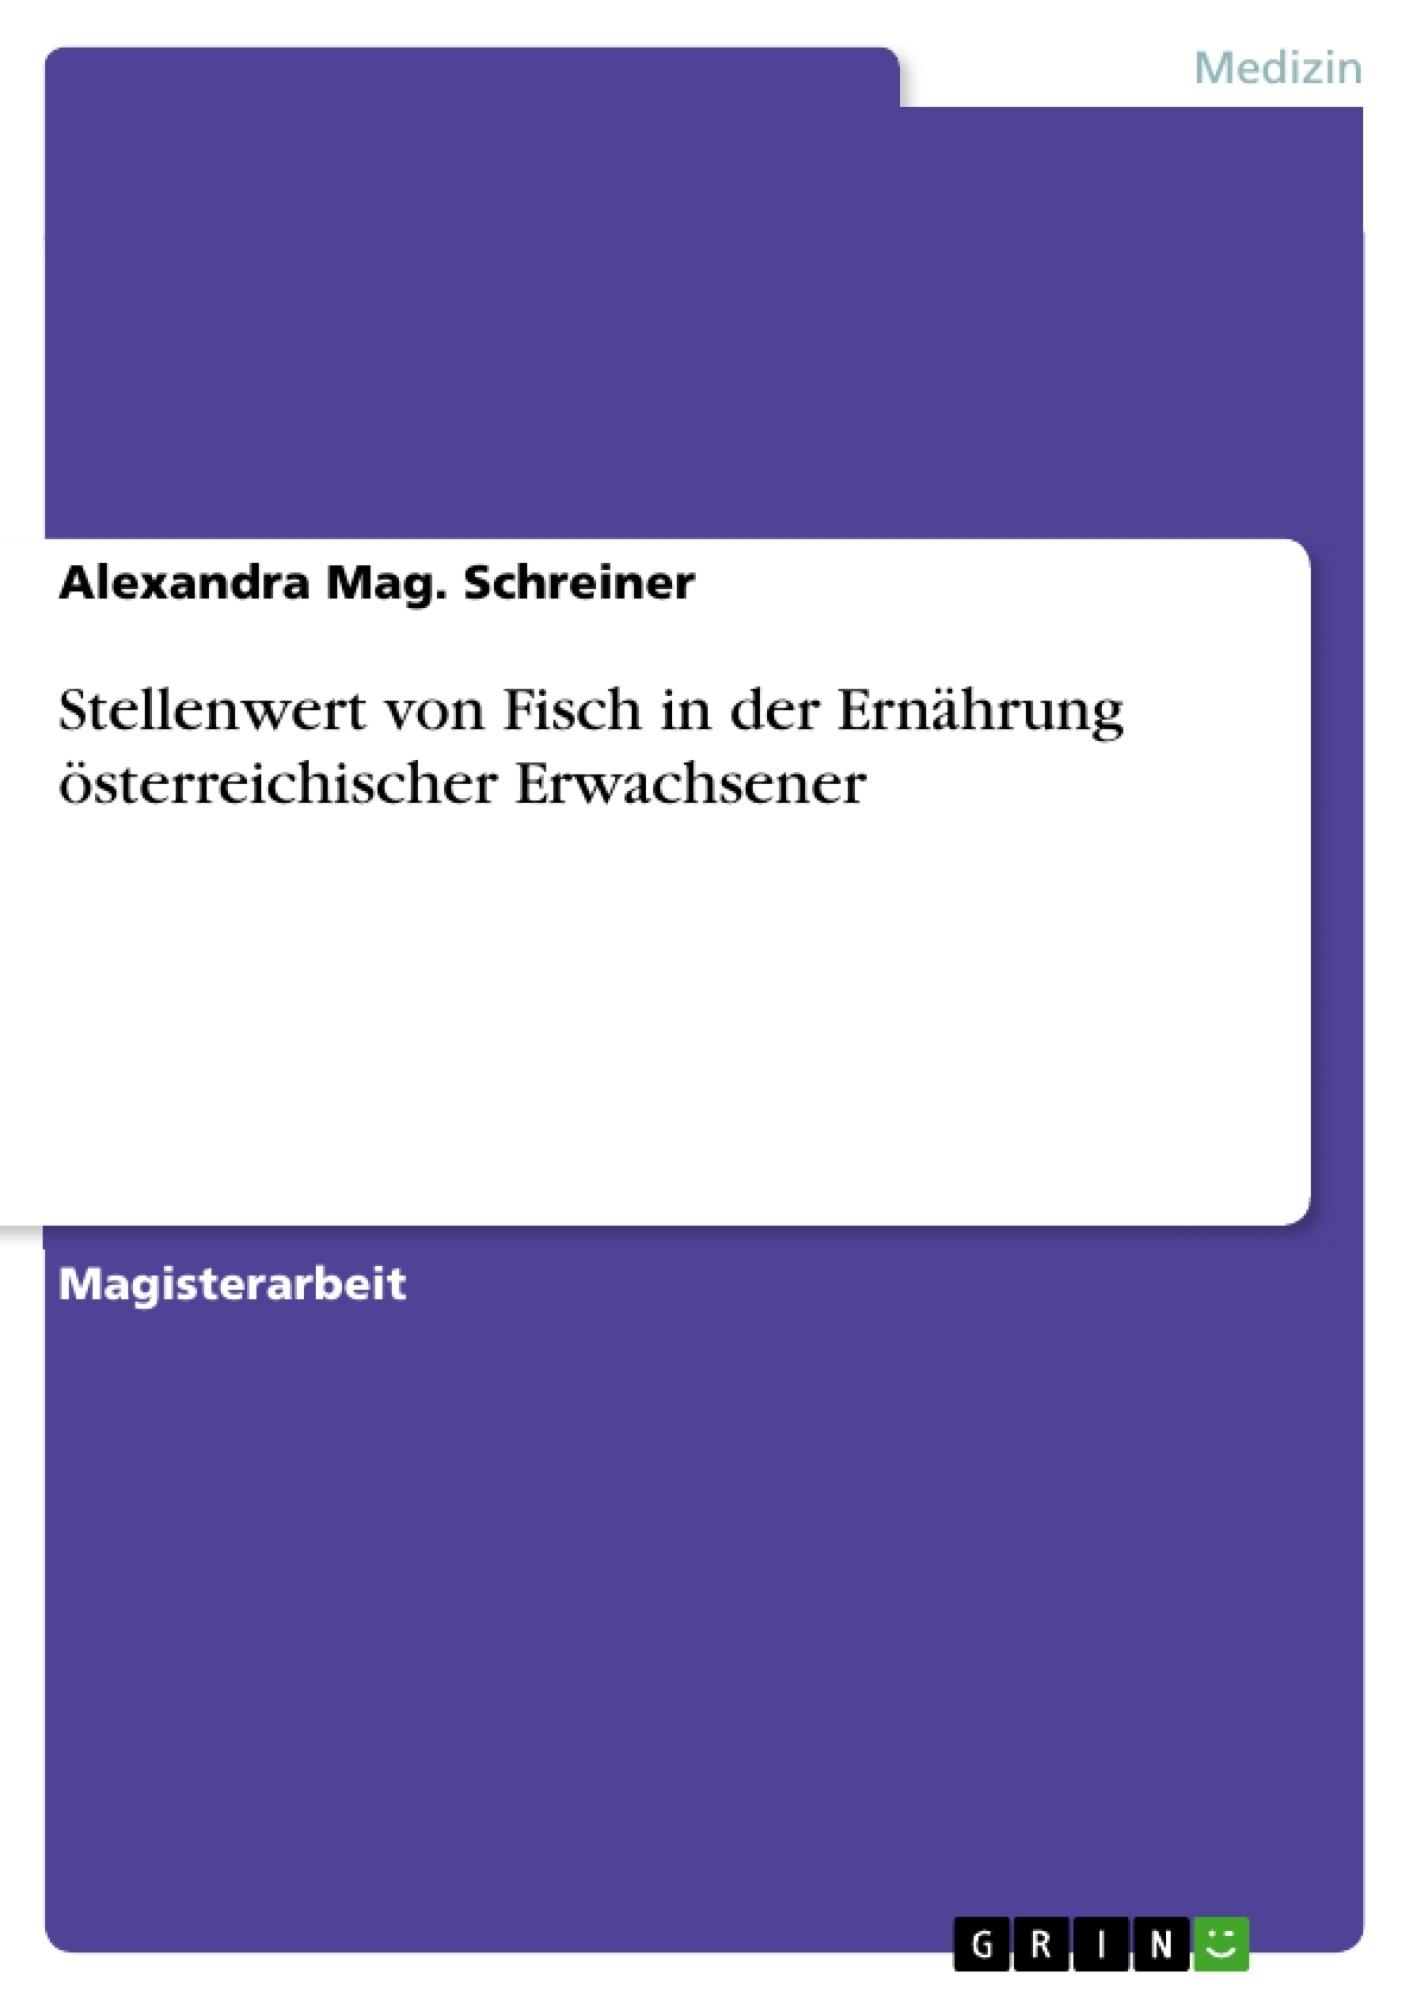 Titel: Stellenwert von Fisch in der Ernährung österreichischer Erwachsener